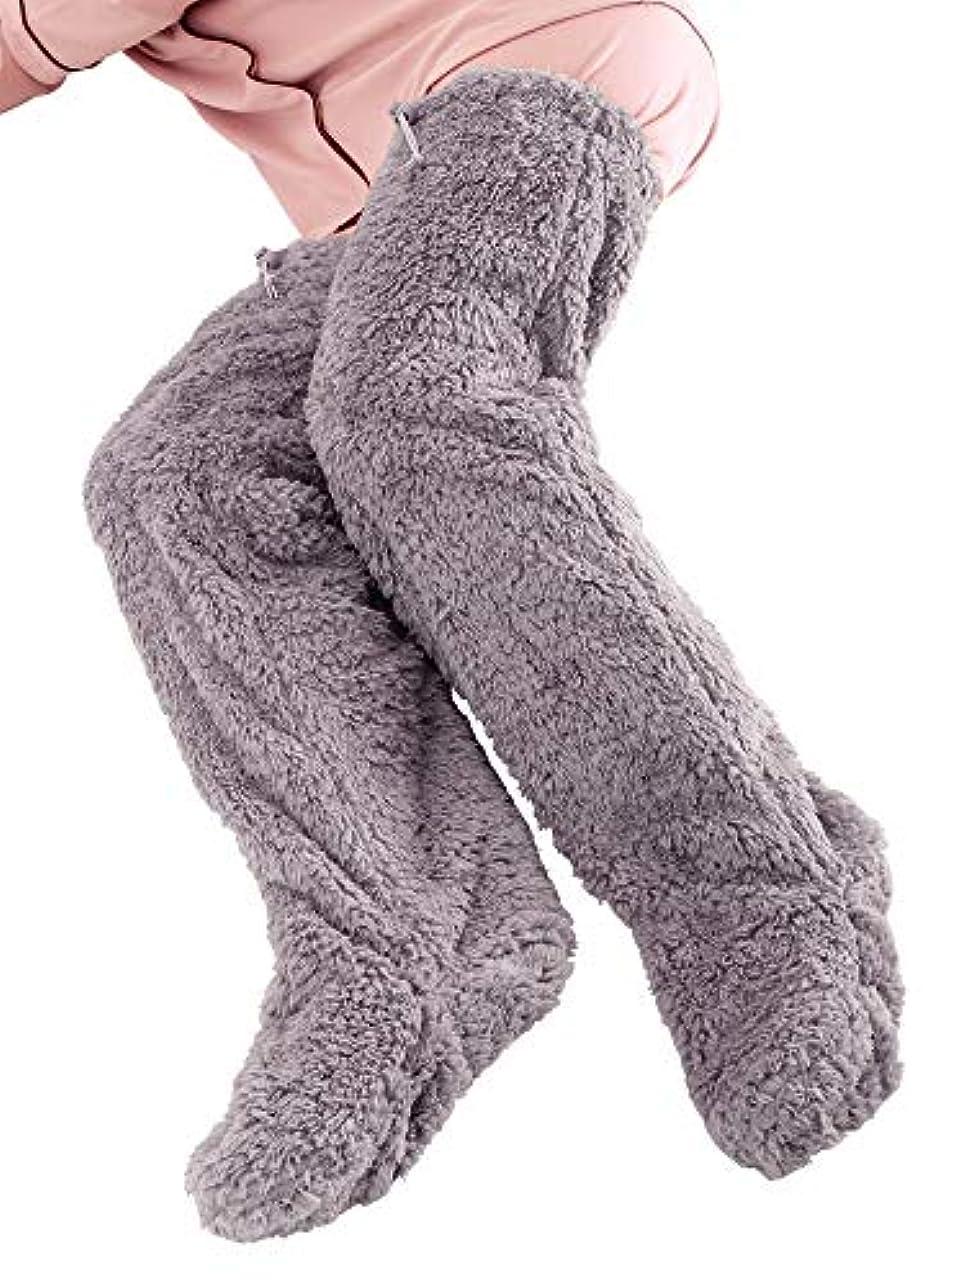 ハッチ正義覚えている極暖 足が出せるロングカバー ストッパー付き グレー?Mサイズ